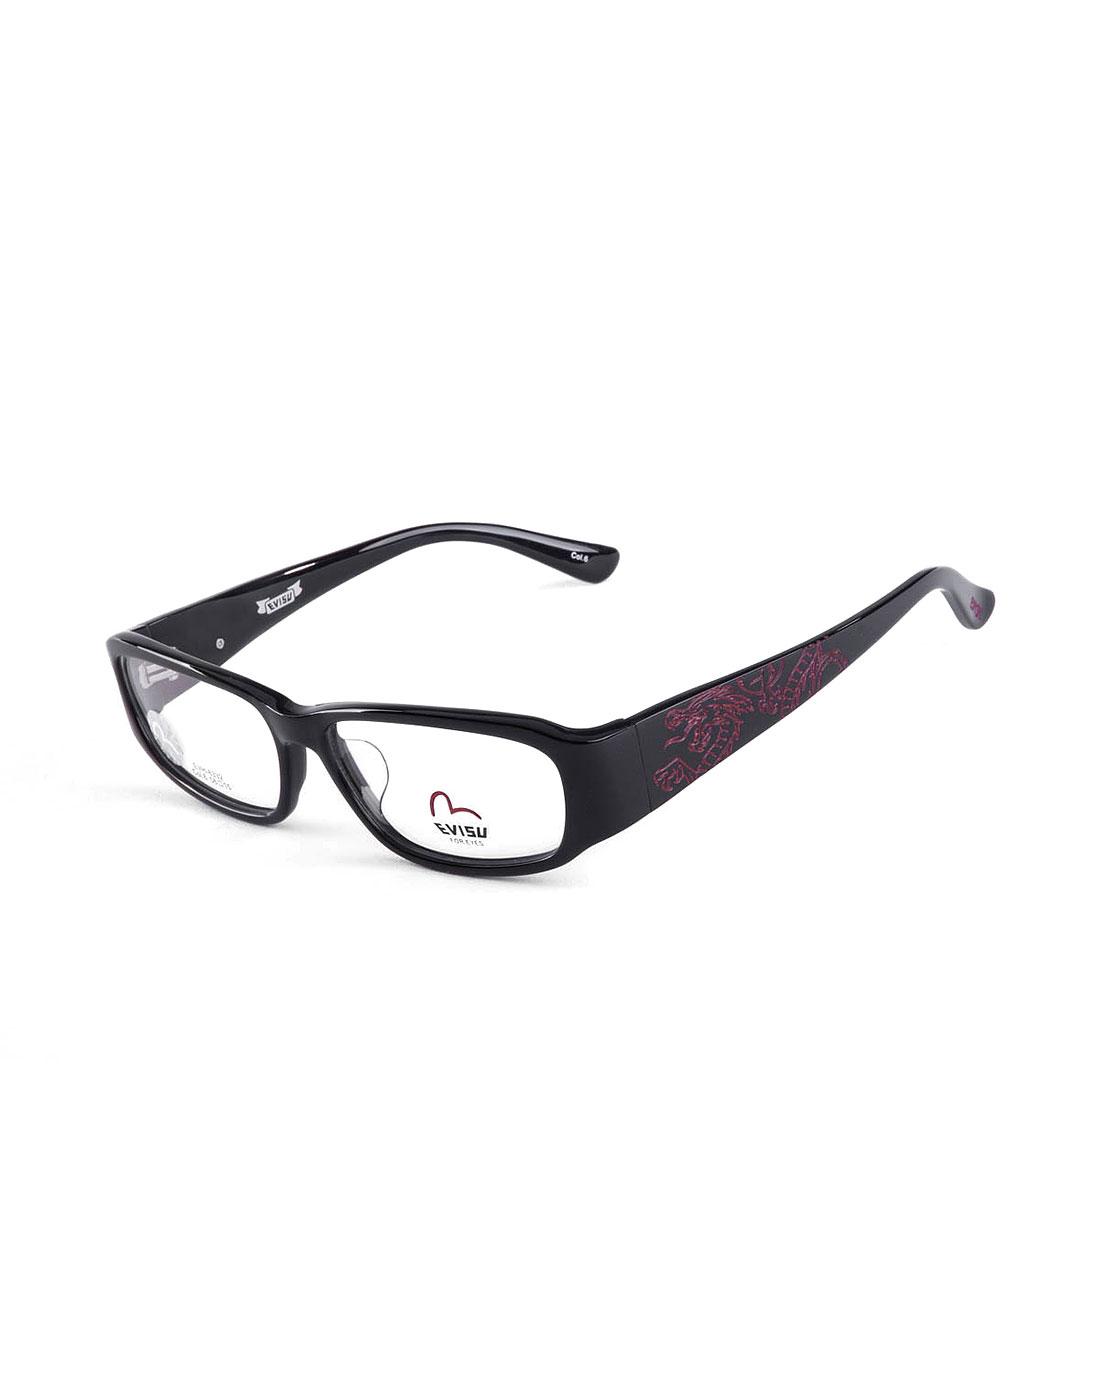 惠美寿evisu眼镜专场潮流边框黑色全框眼镜evh-8332